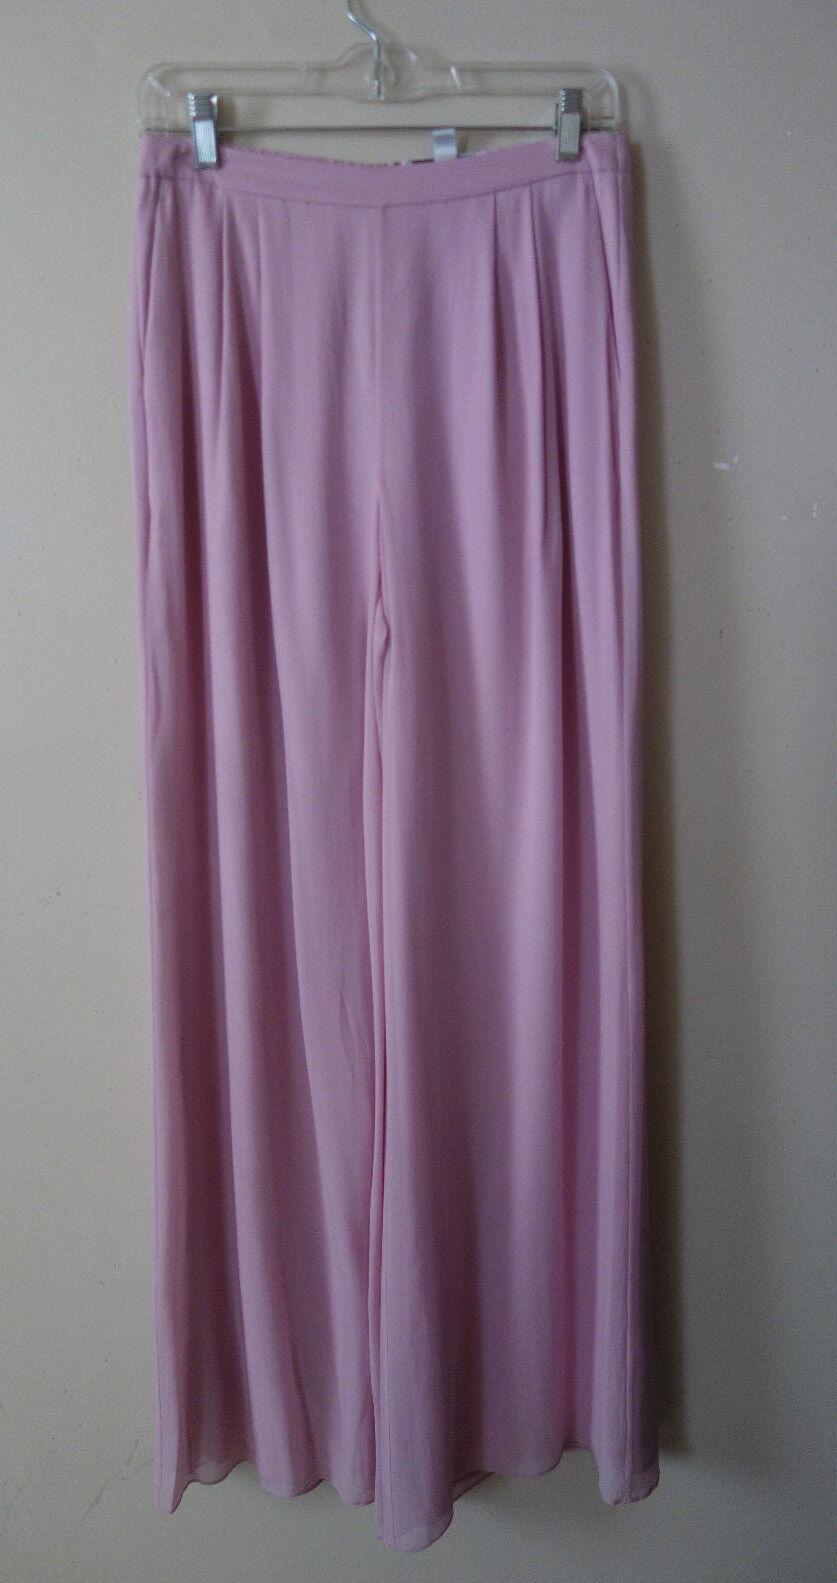 ST. JOHN EVENING  PALLAZO SILK pink PEDAL PANTS SIZE 6 NWT